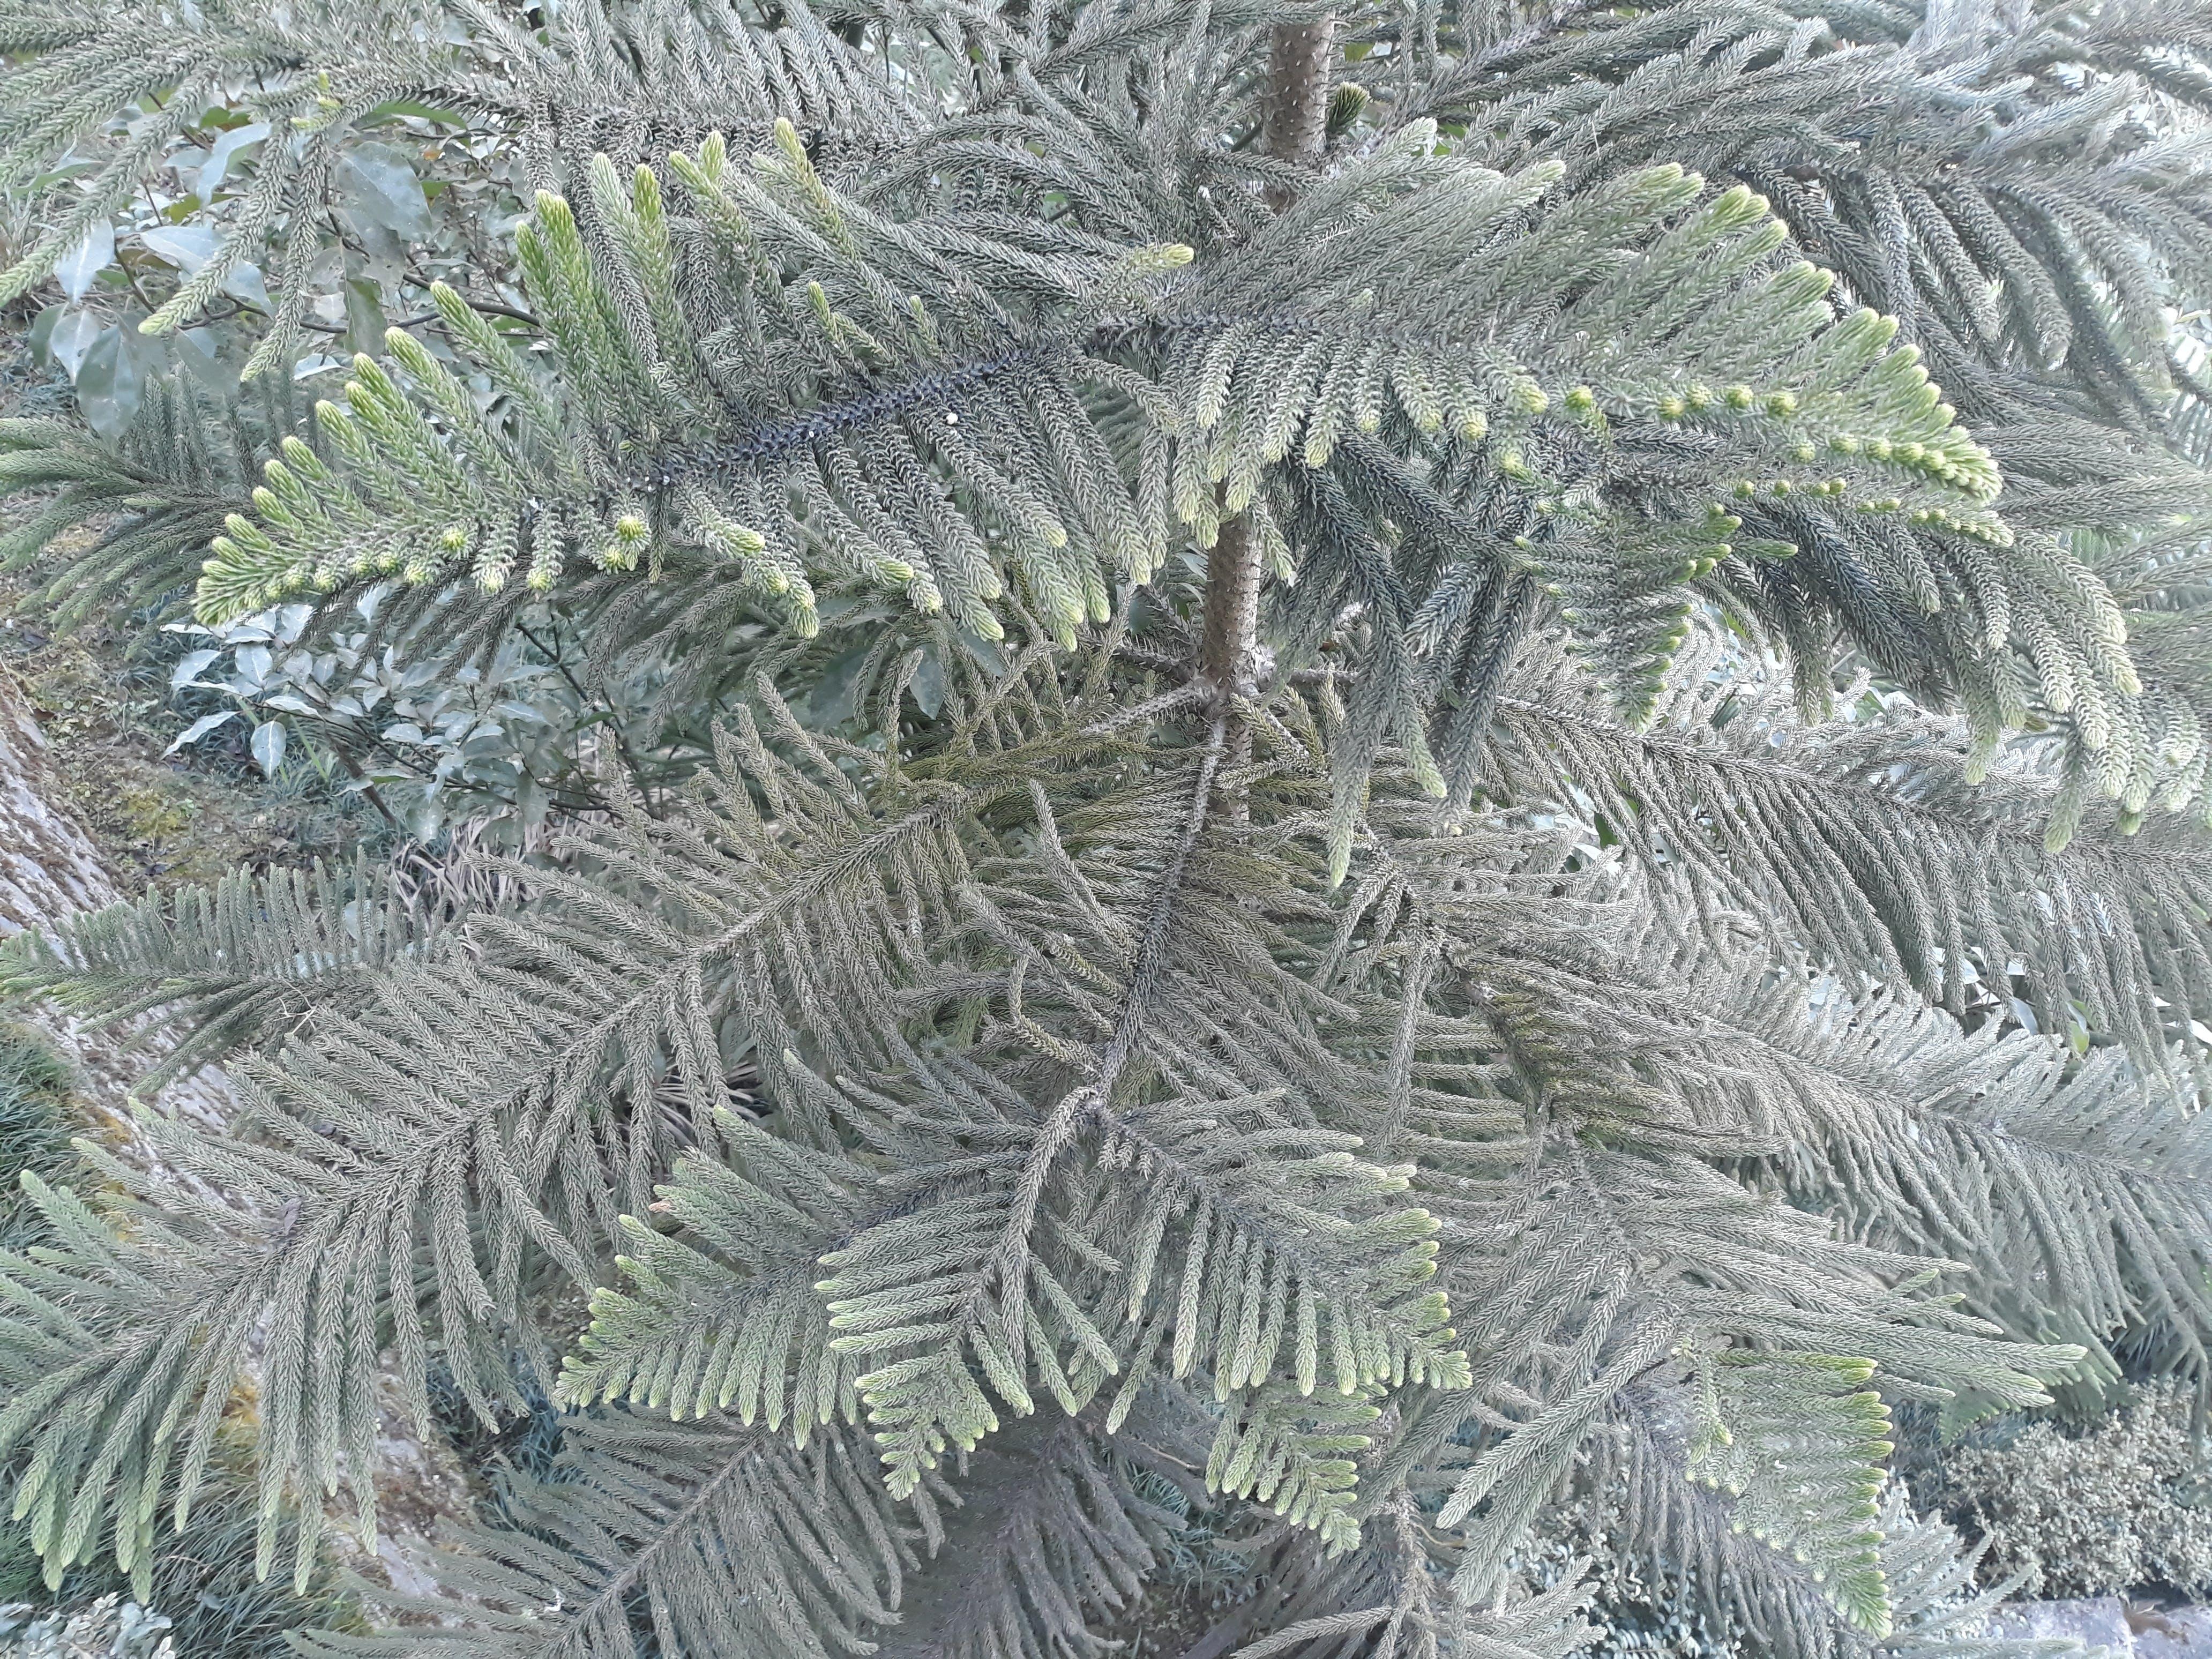 Free stock photo of Big leaf, nepal, pawankawam, tree